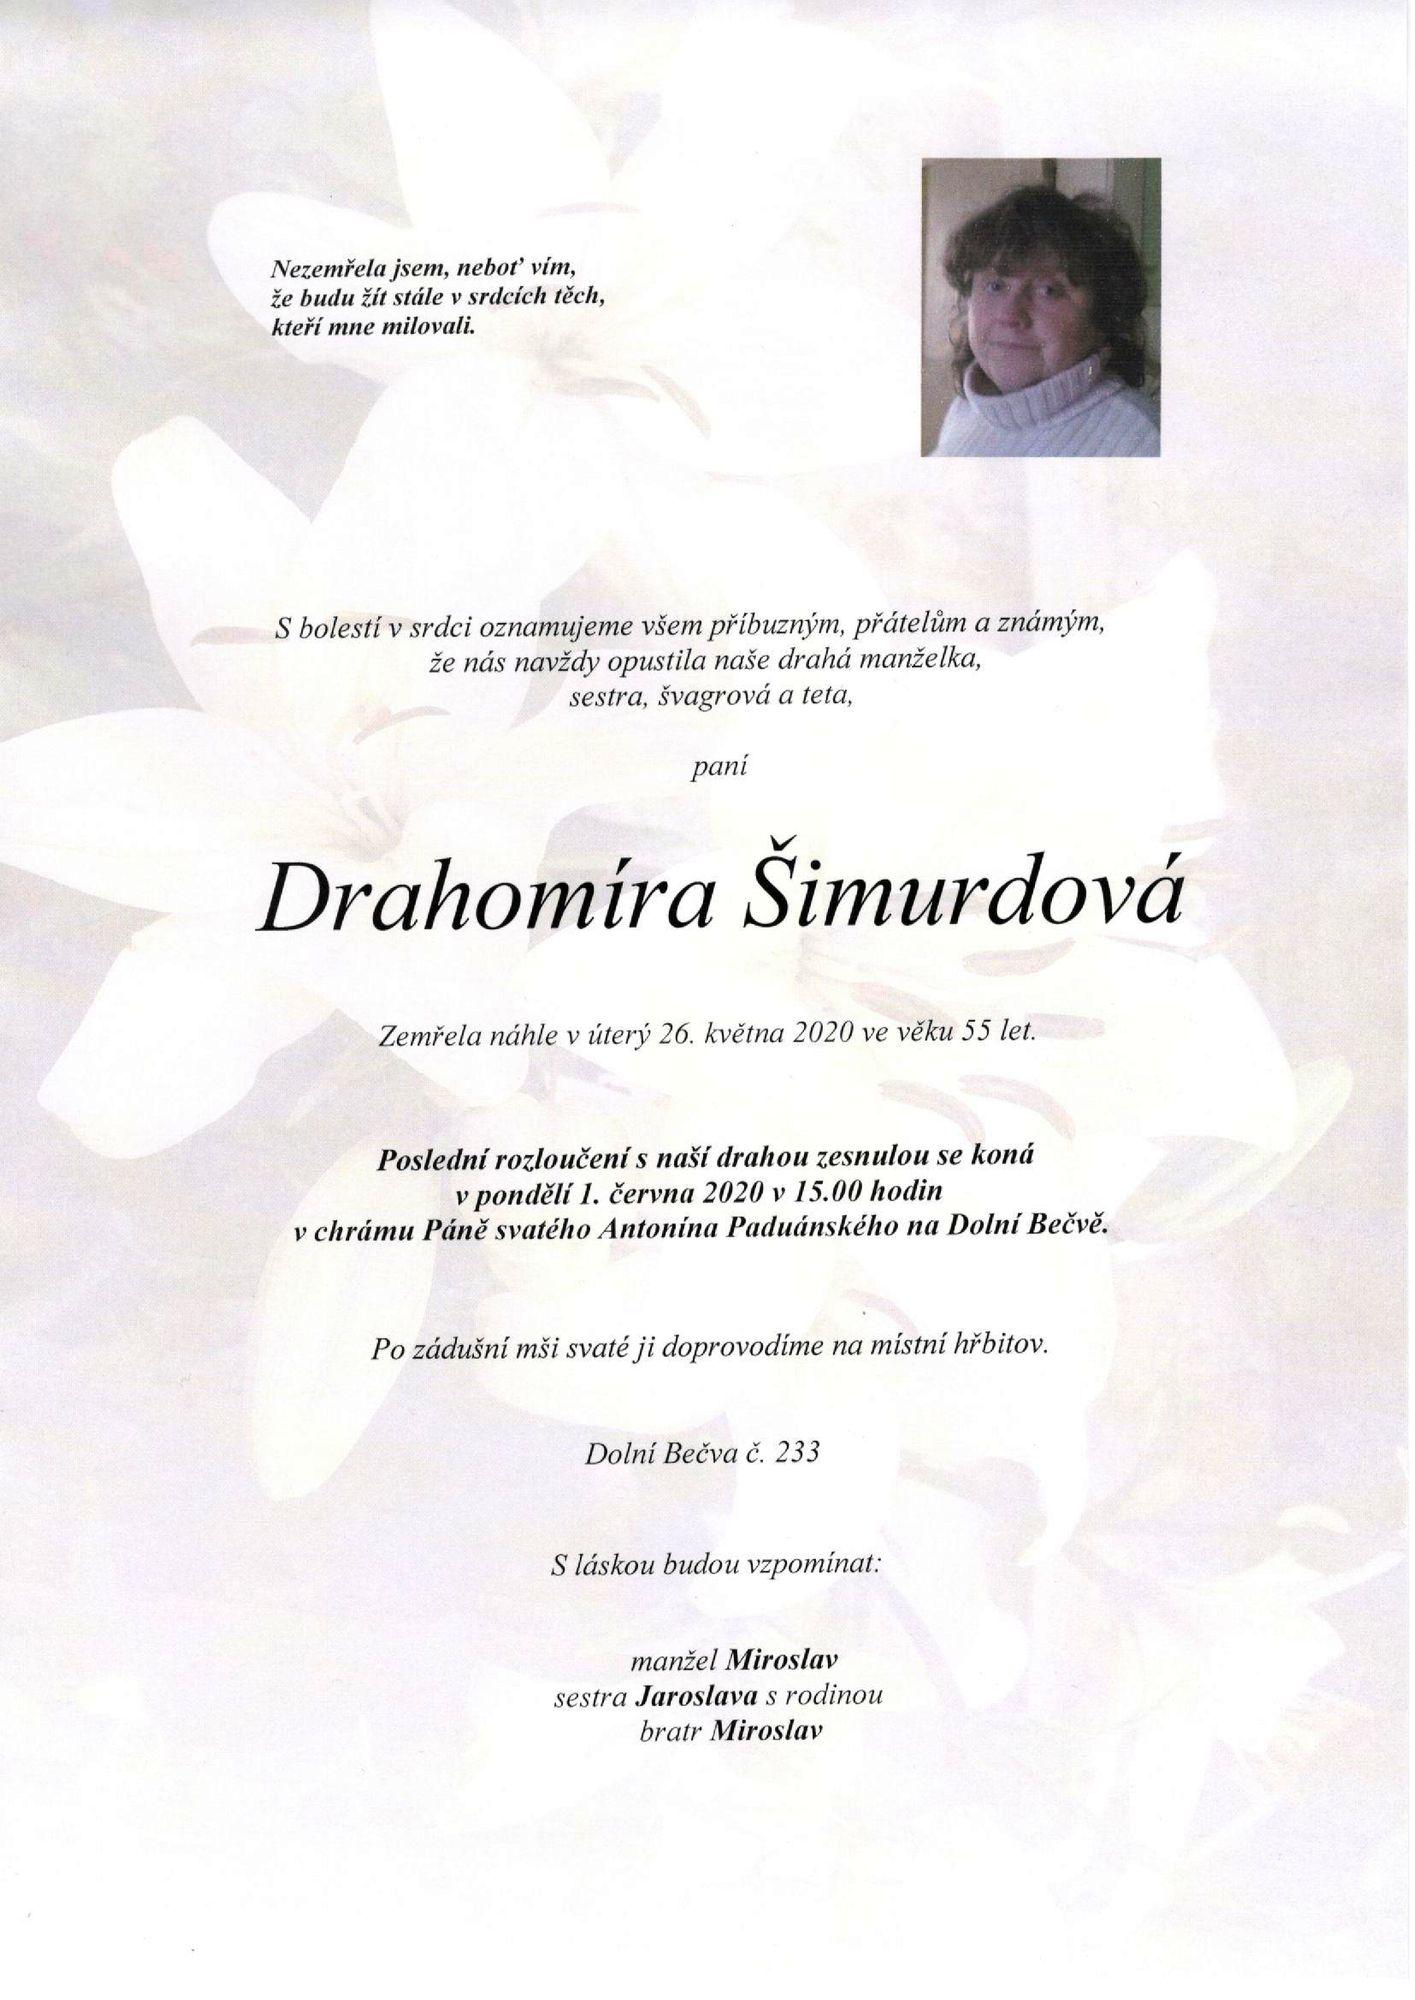 Drahomíra Šimurdová